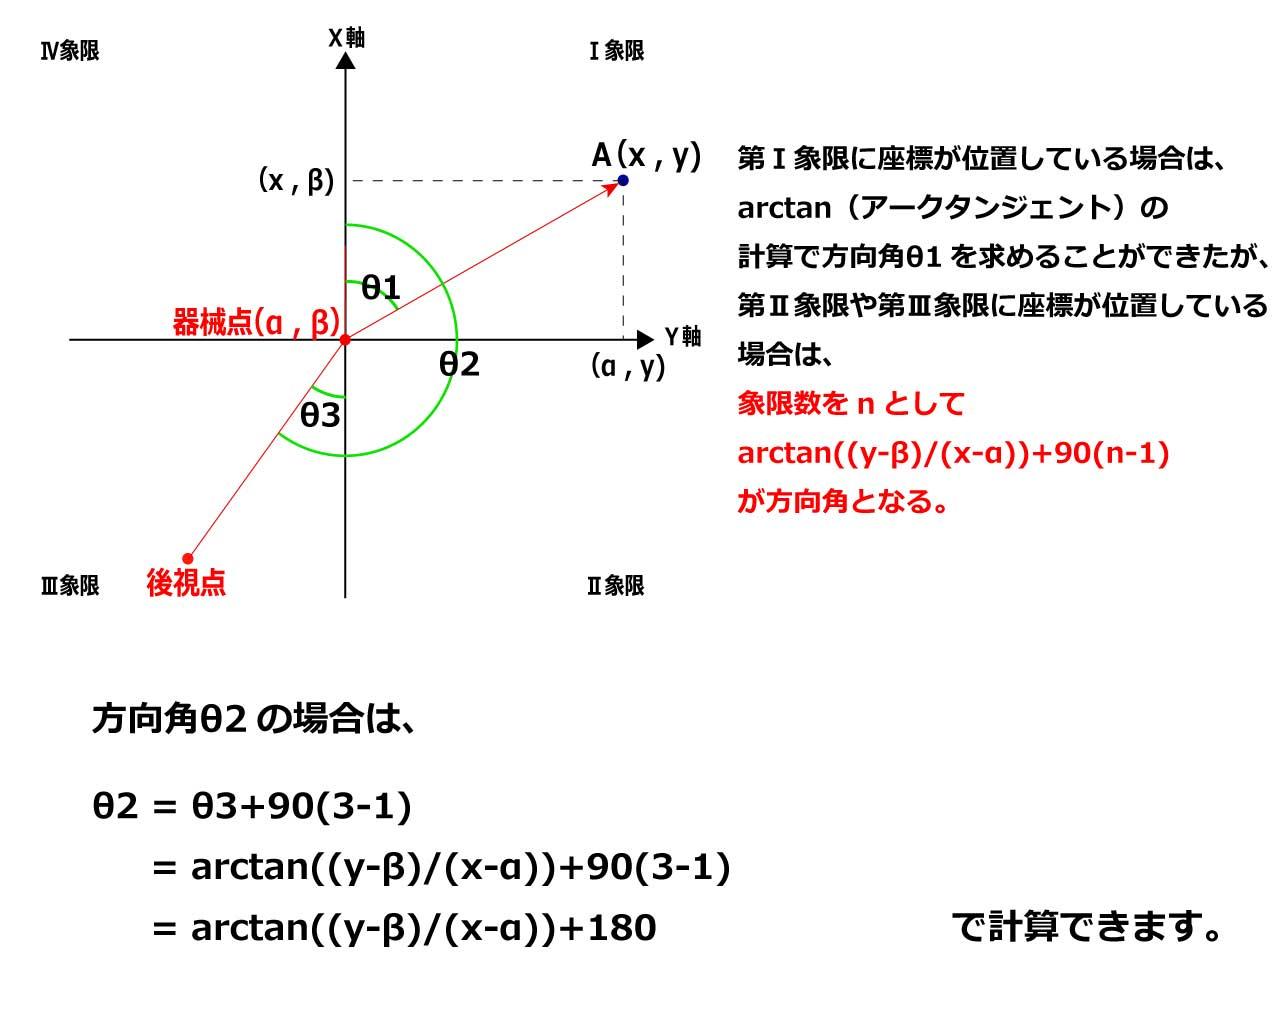 方向角θ2の説明③